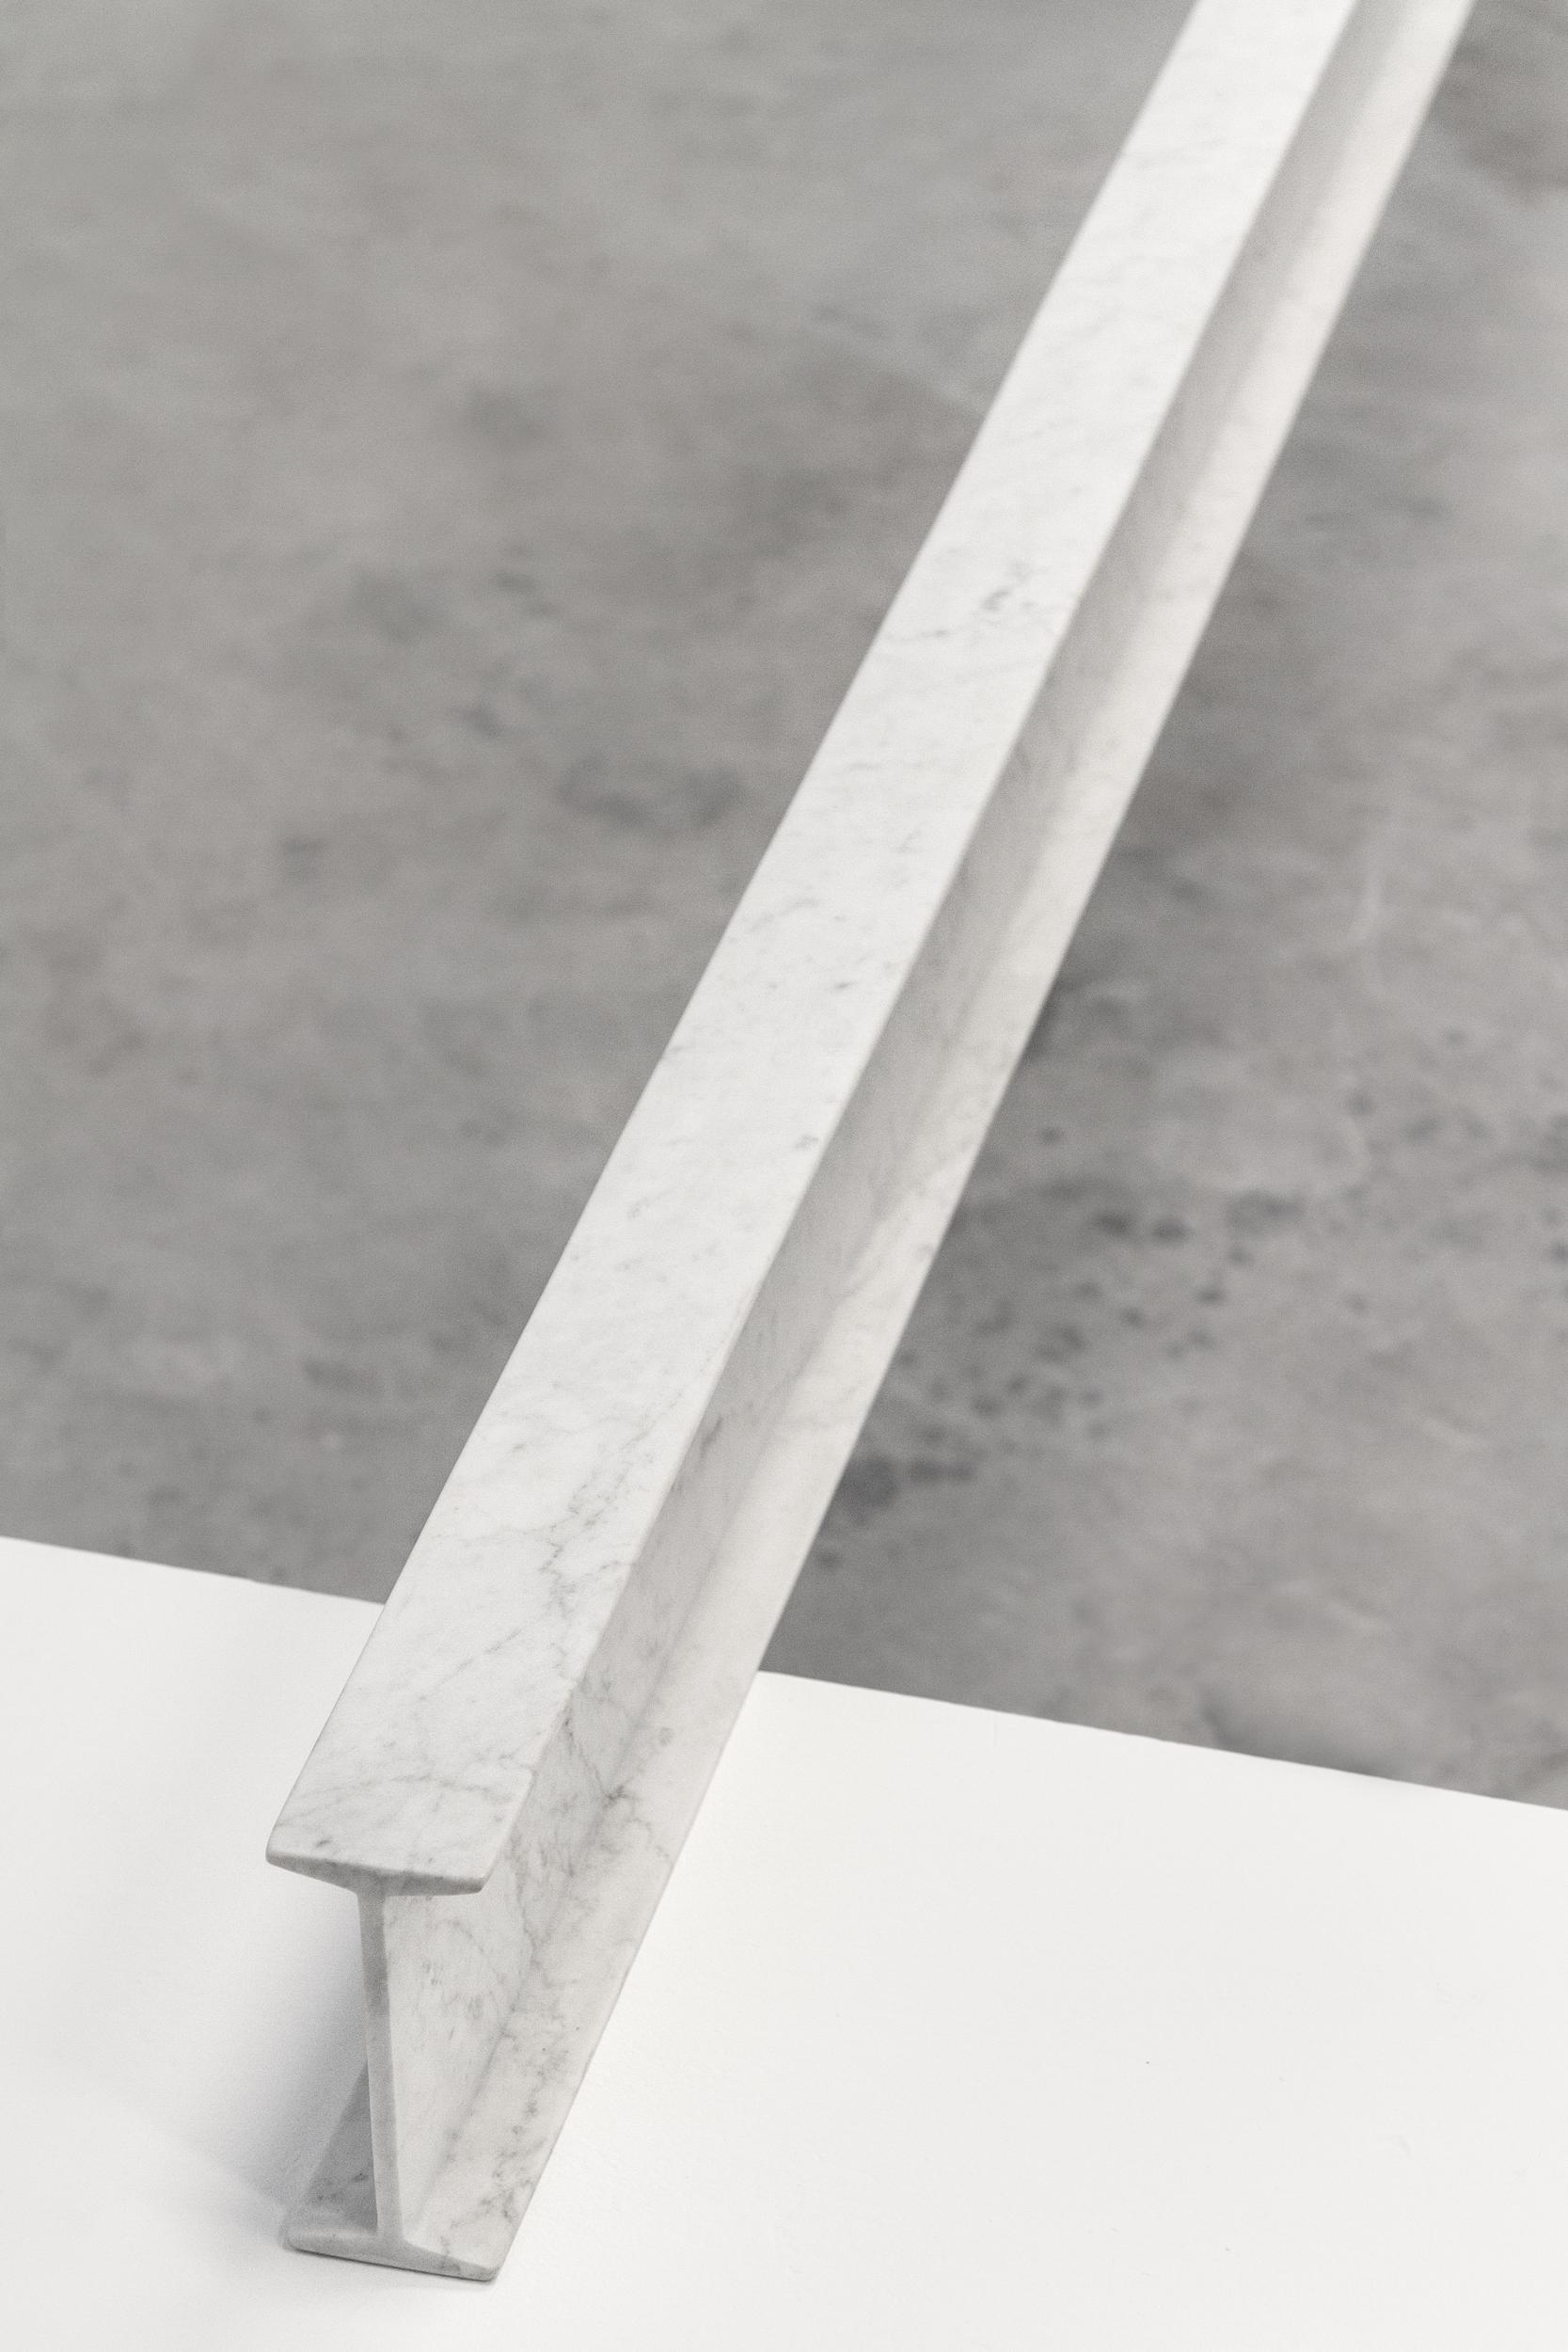 flat-line-2005-marmo-bianco-cm-16x400x7-8846